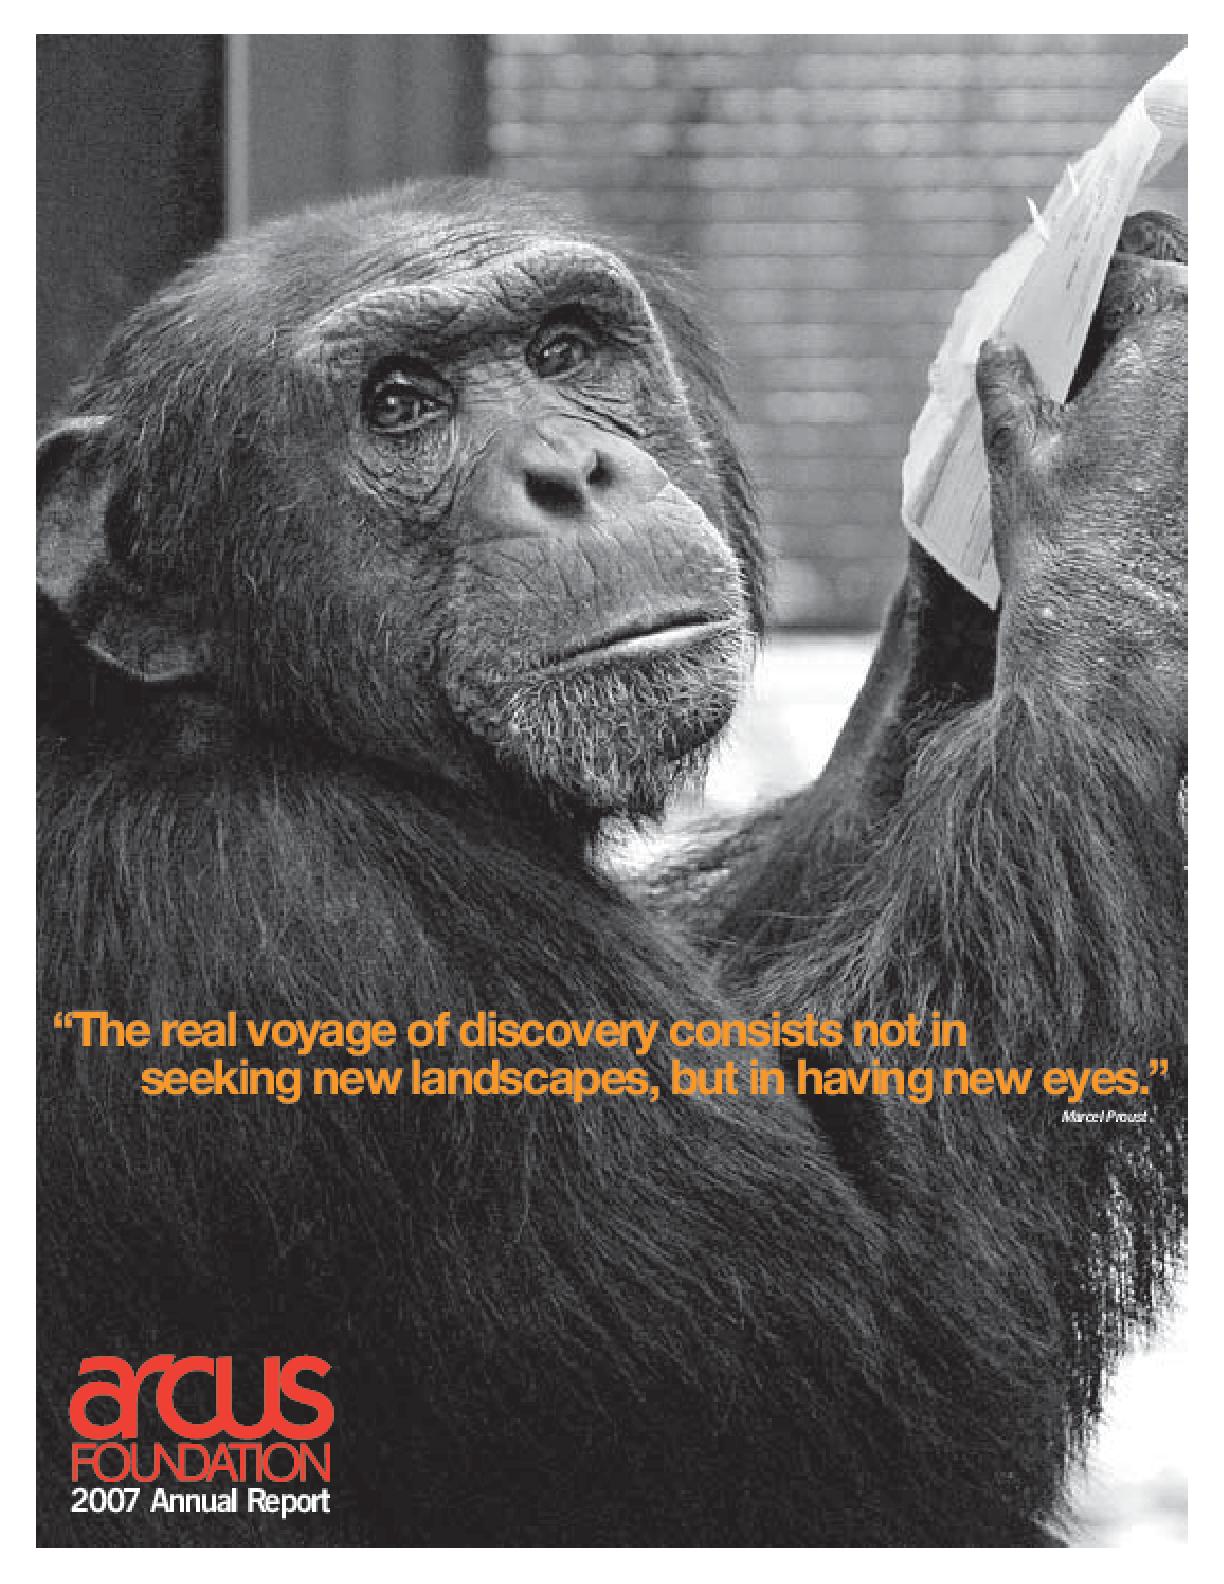 Arcus Foundation - 2007 Annual Report